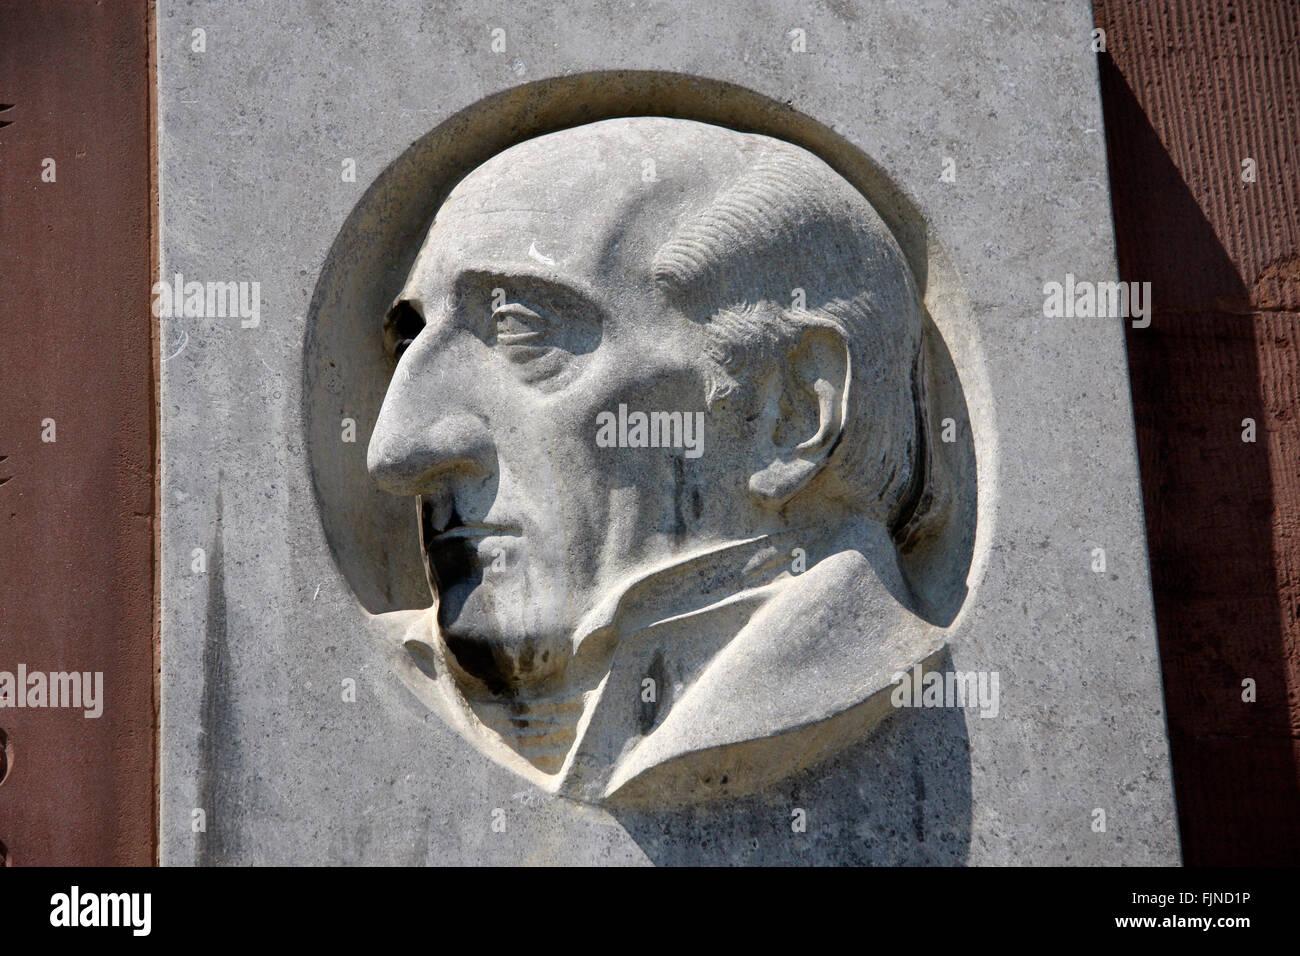 Profil von Freiherr von Stein an der Paulskirche, Frankfurt am Main. Foto de stock